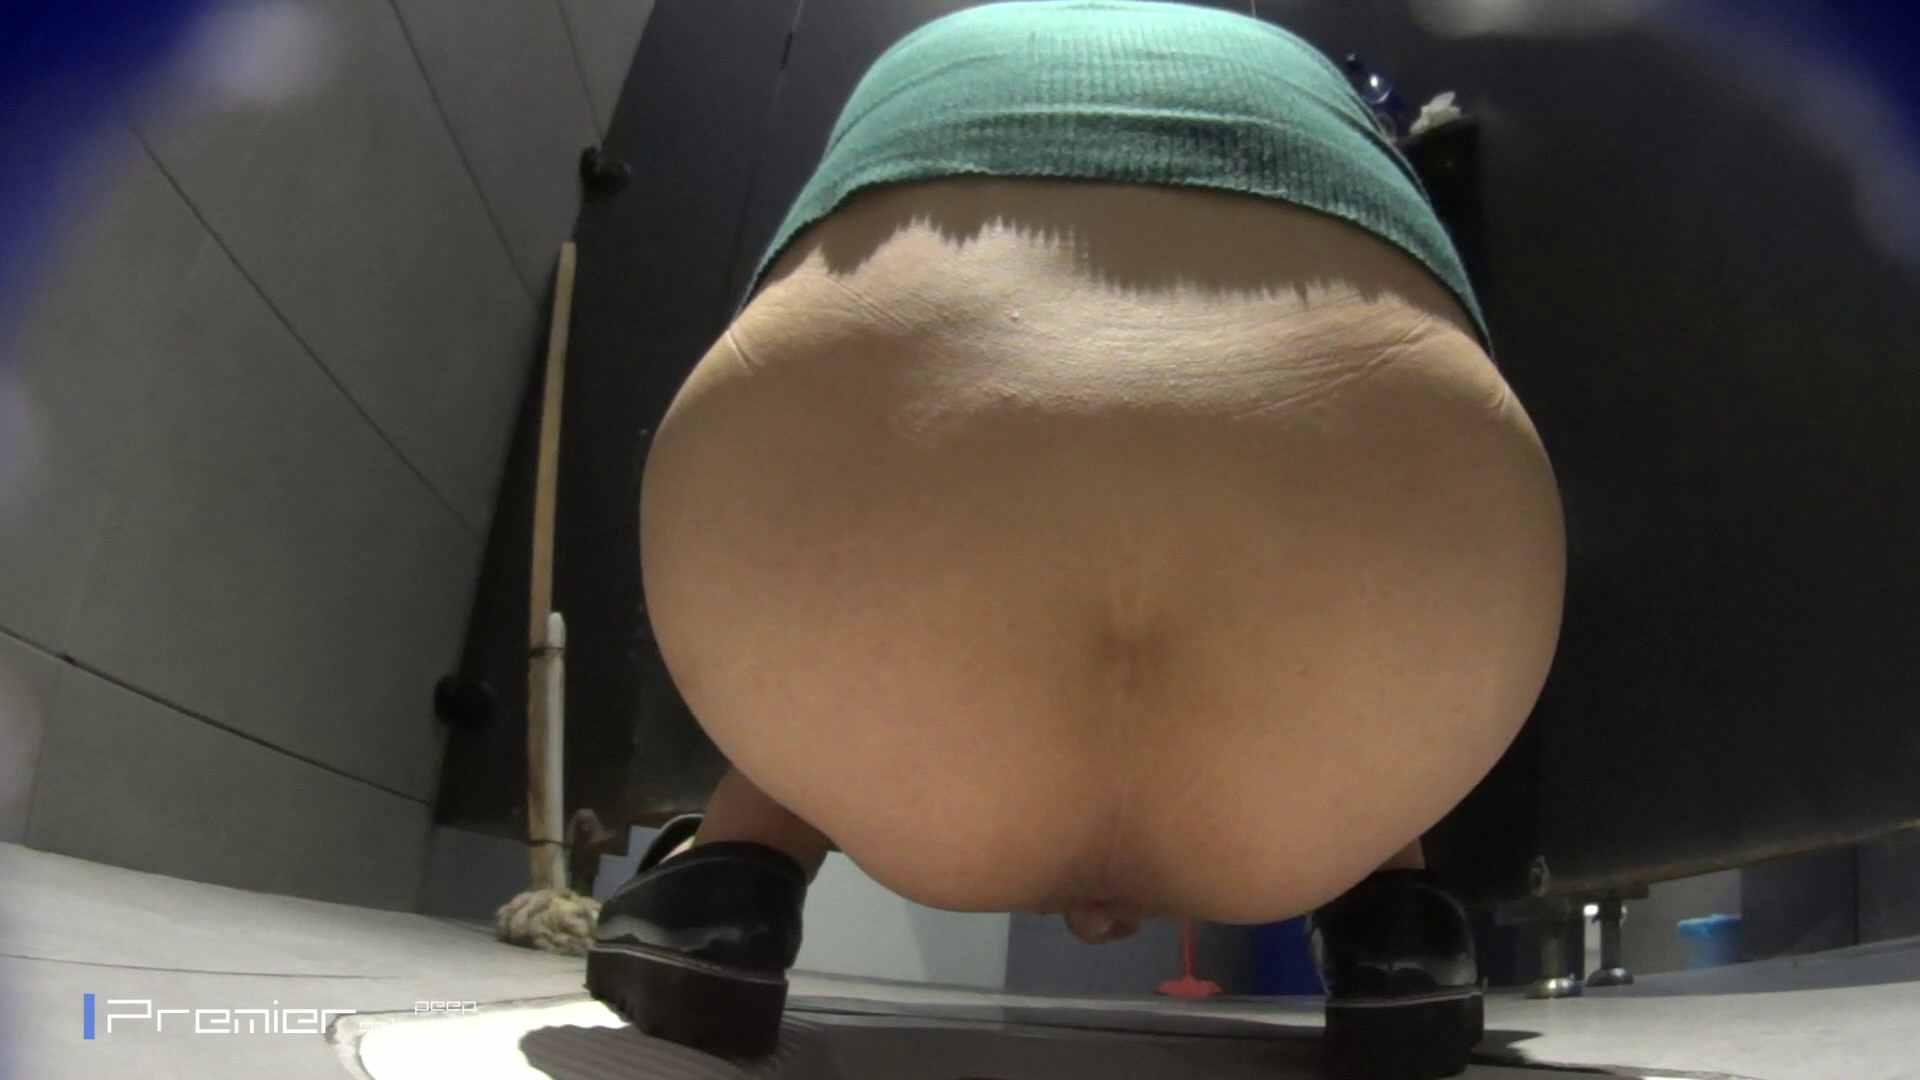 肛monから溢れるうんこ 大学休憩時間の洗面所事情62 高評価 濡れ場動画紹介 99枚 93